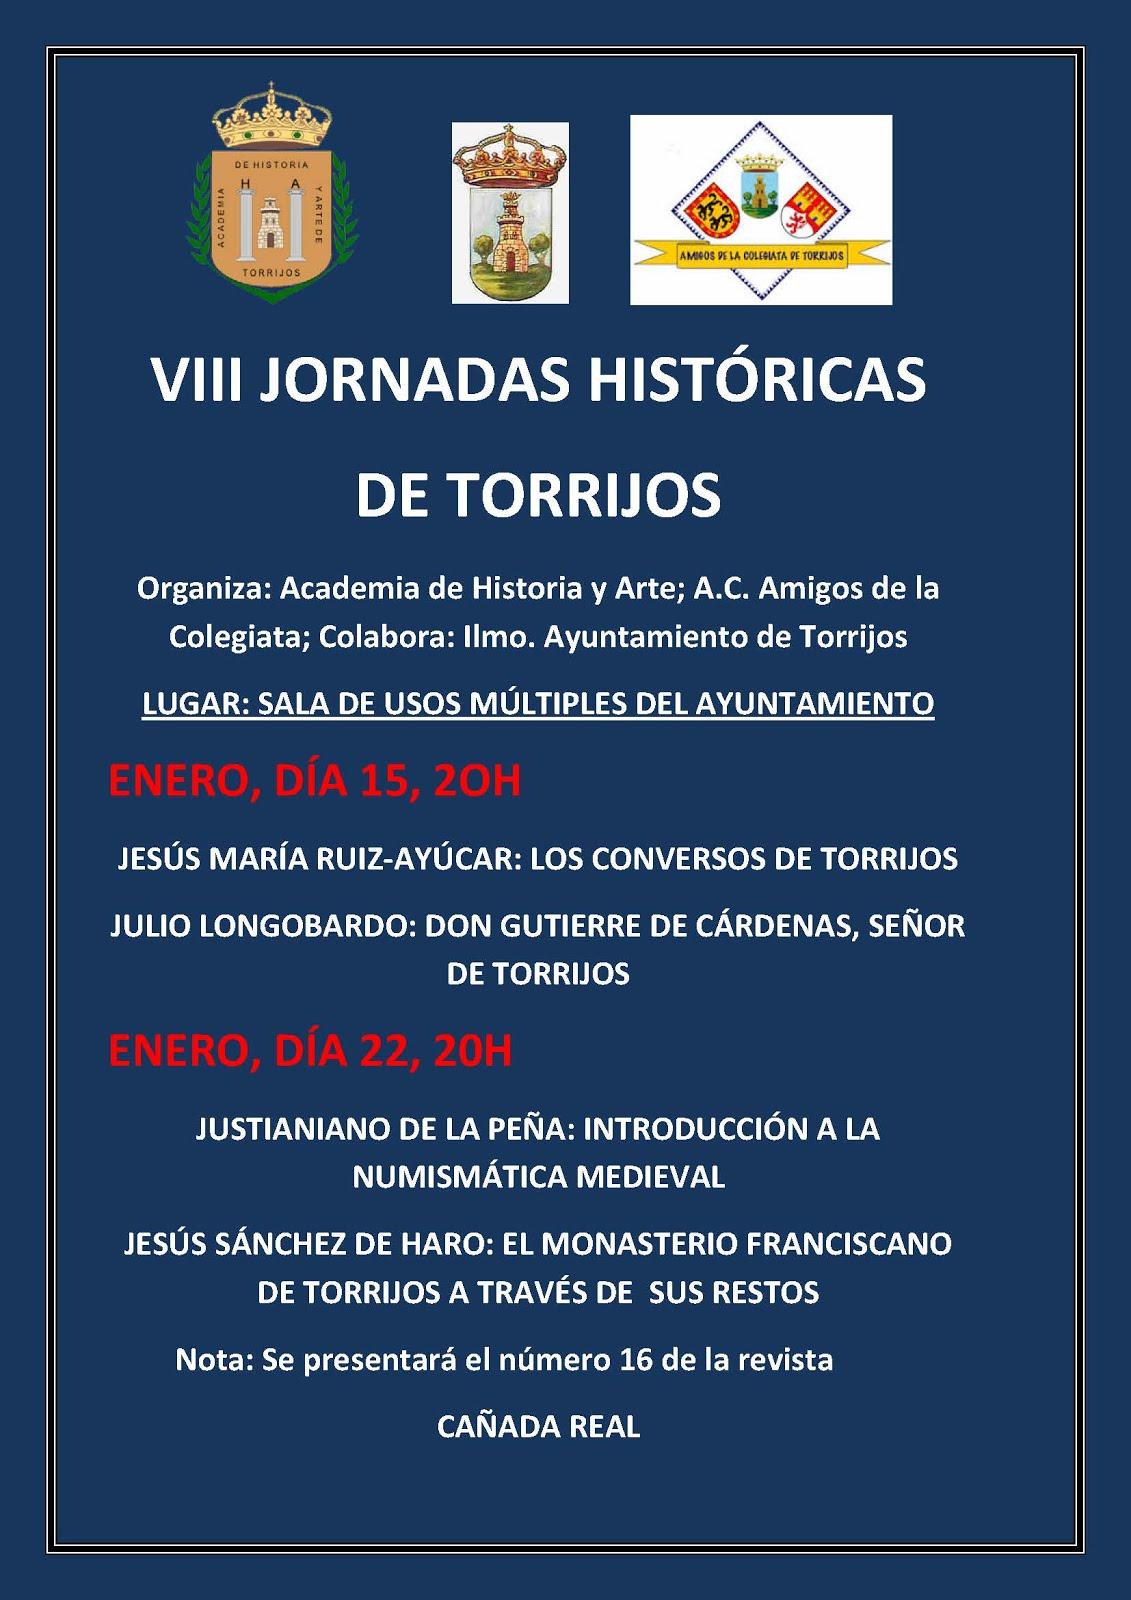 VIII JORNADAS HISTÓRICAS